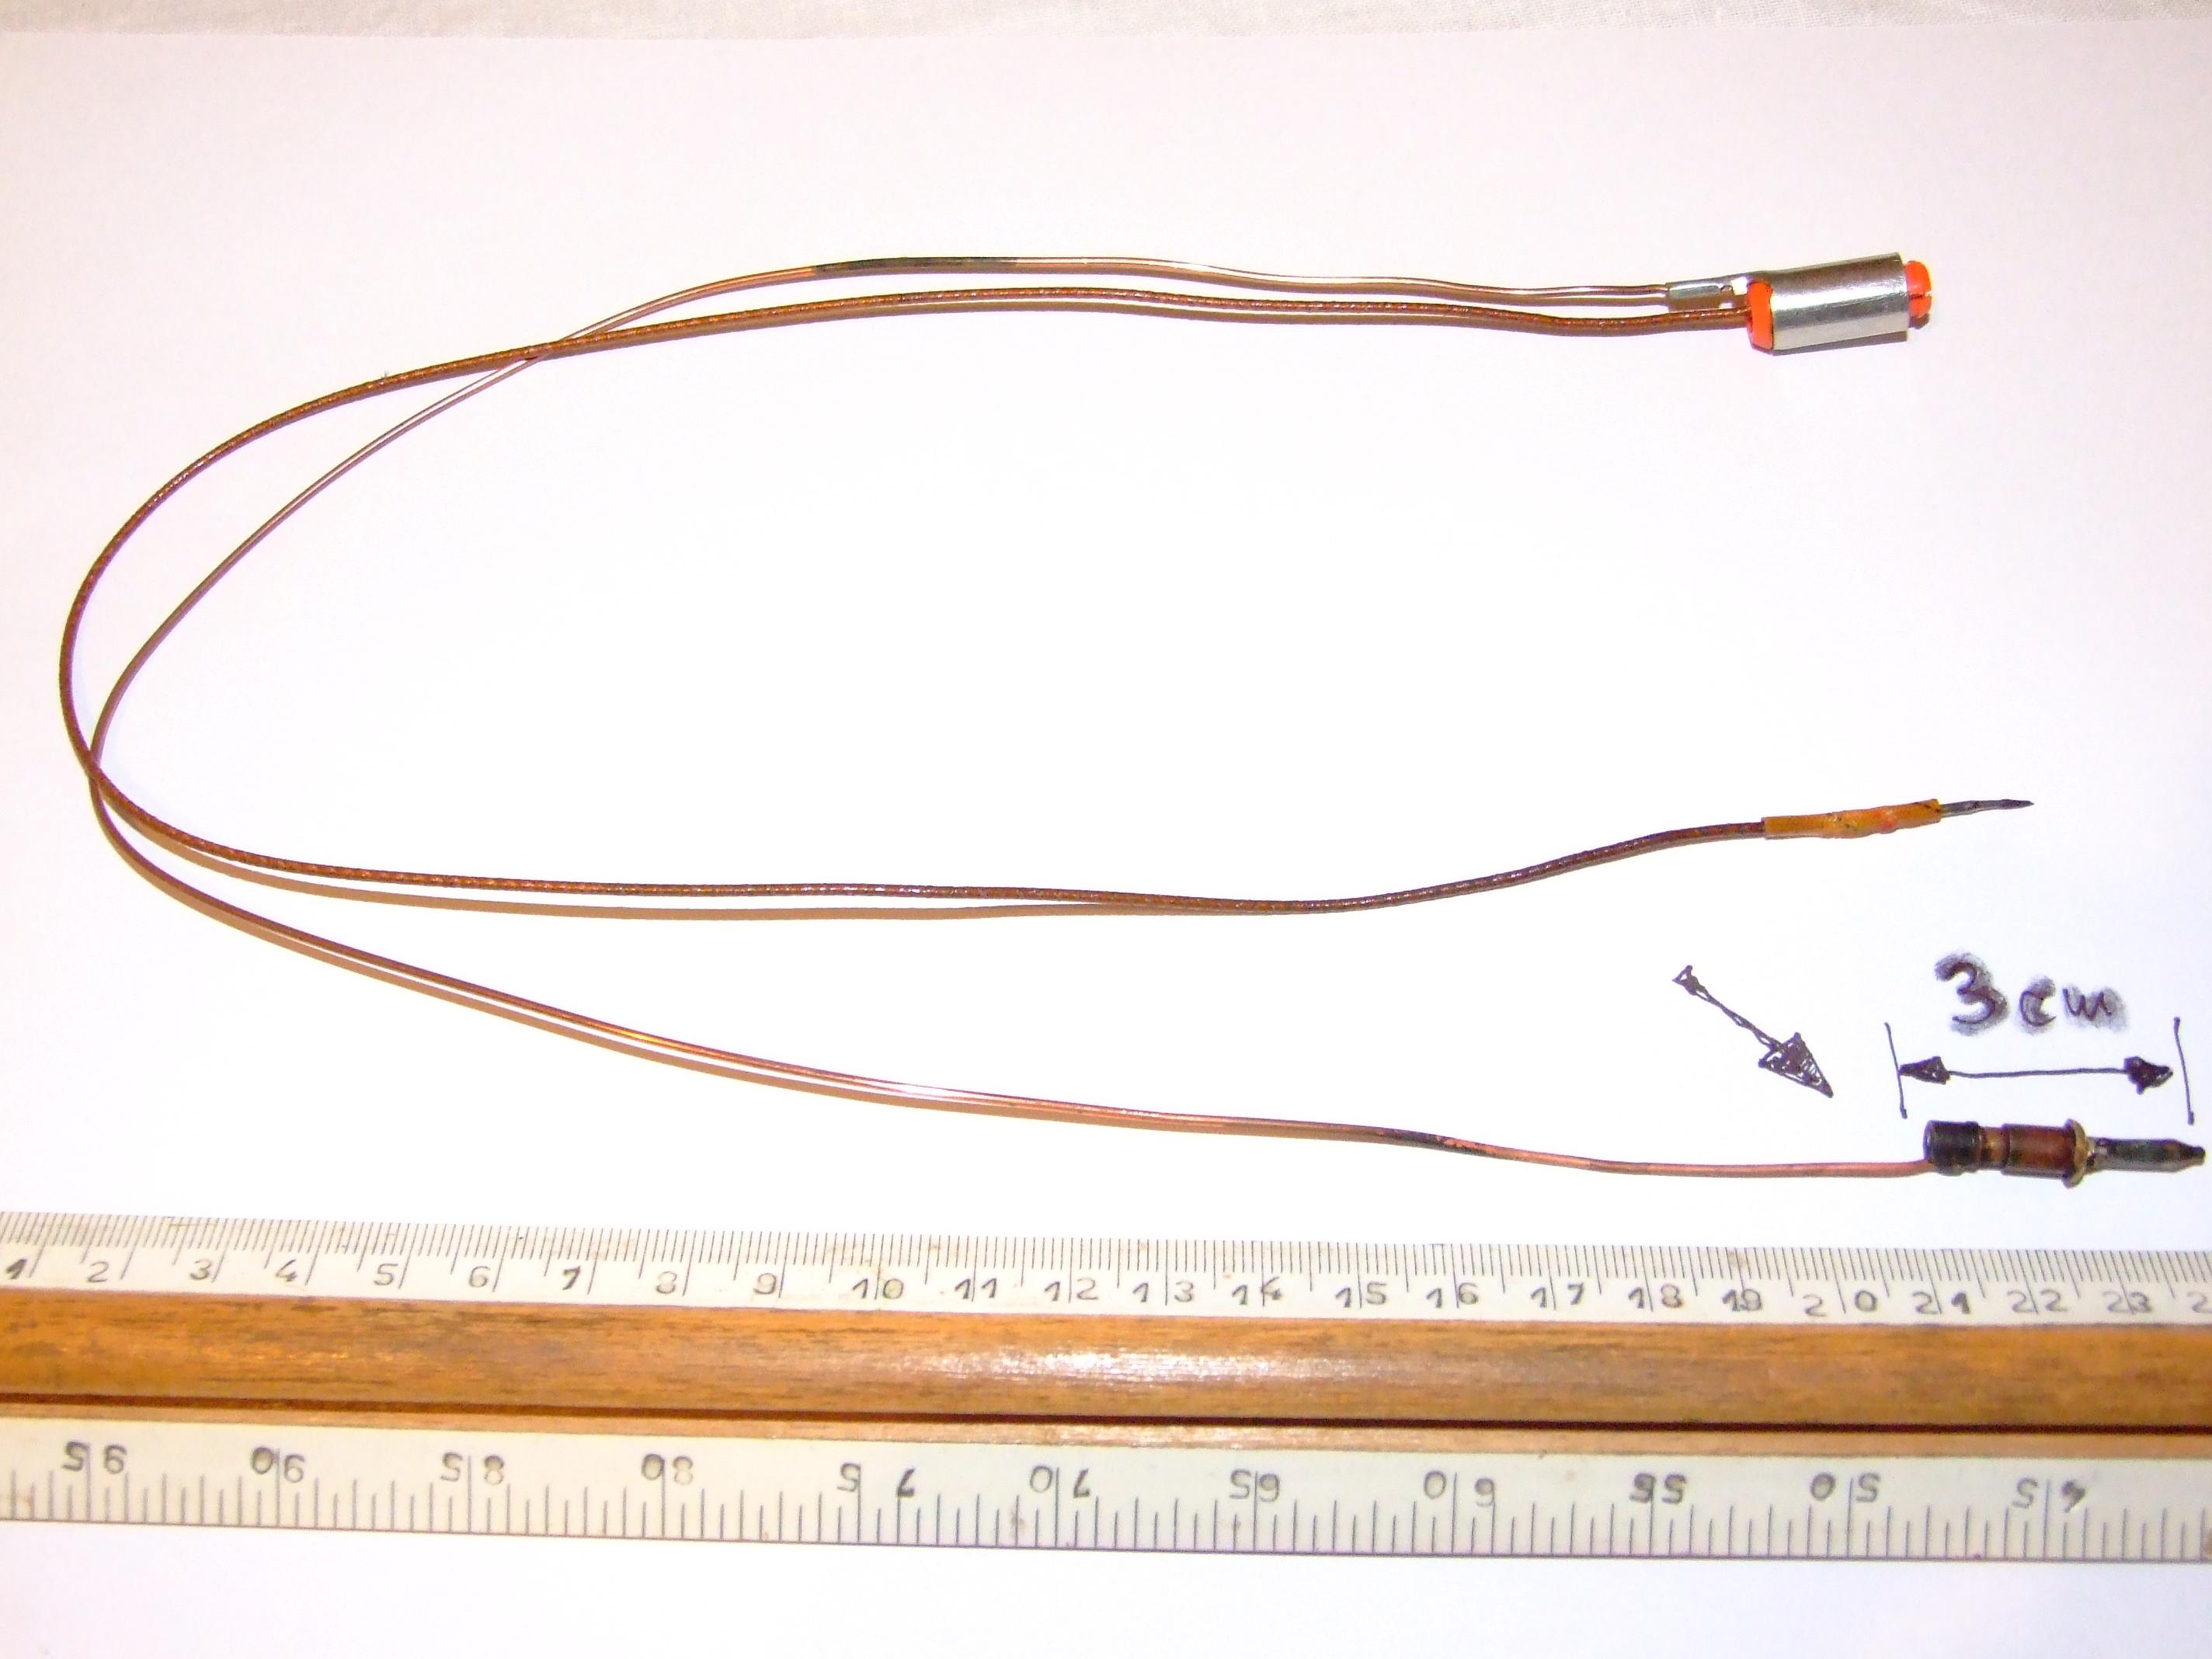 Kuchnia gazowa Gorenje  uszkodzona termopara  elektroda p -> Plyta Gazowa Mastercook Problem Z Odpalaniem